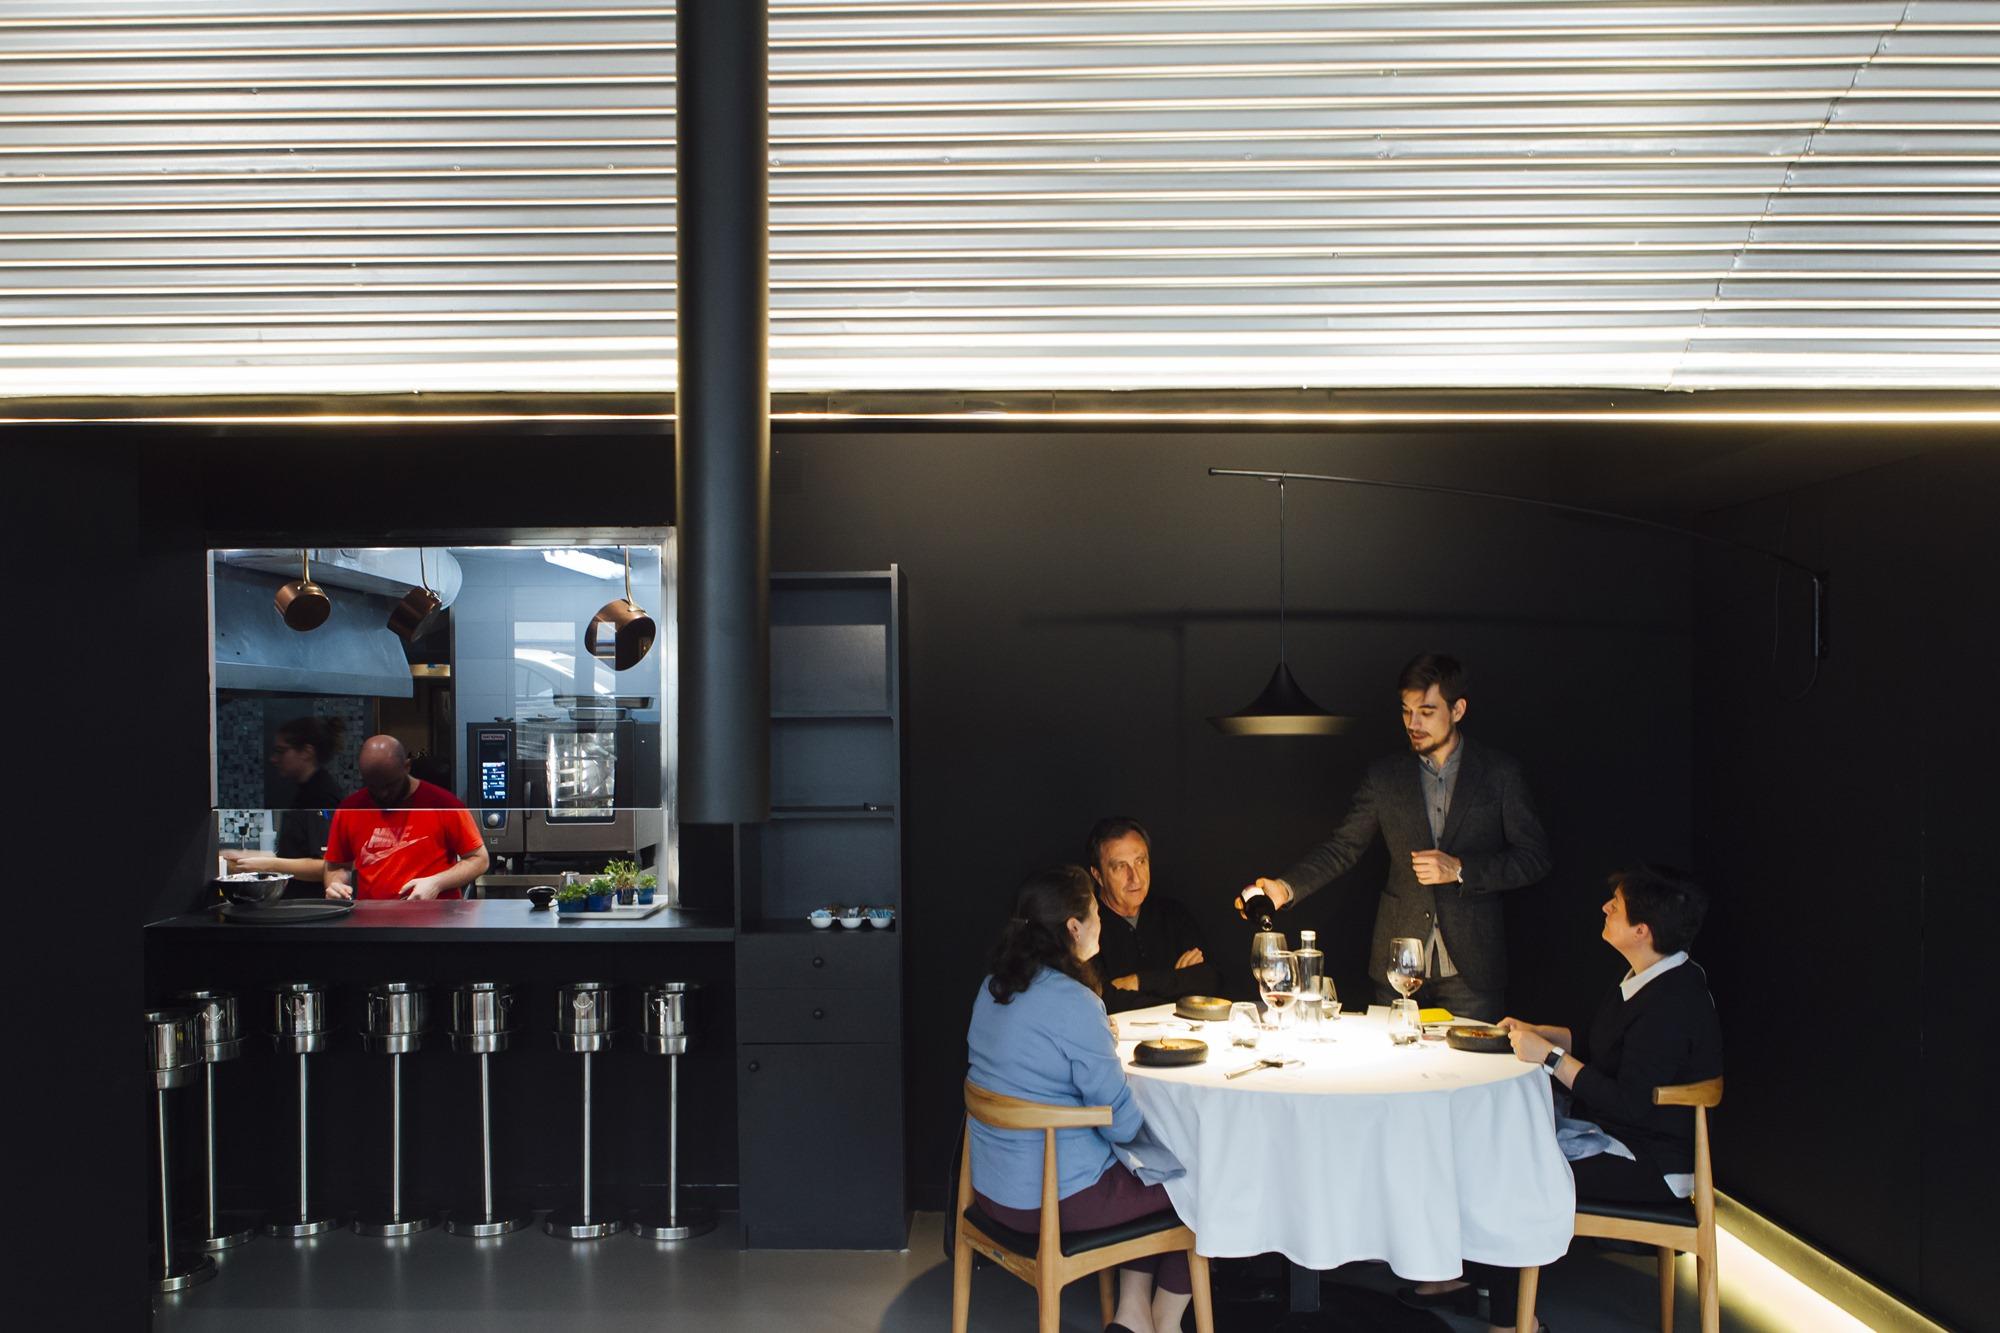 Luis Ángel Pérez en la cocina y Borja Rivero en la sala forman el combo perfecto.